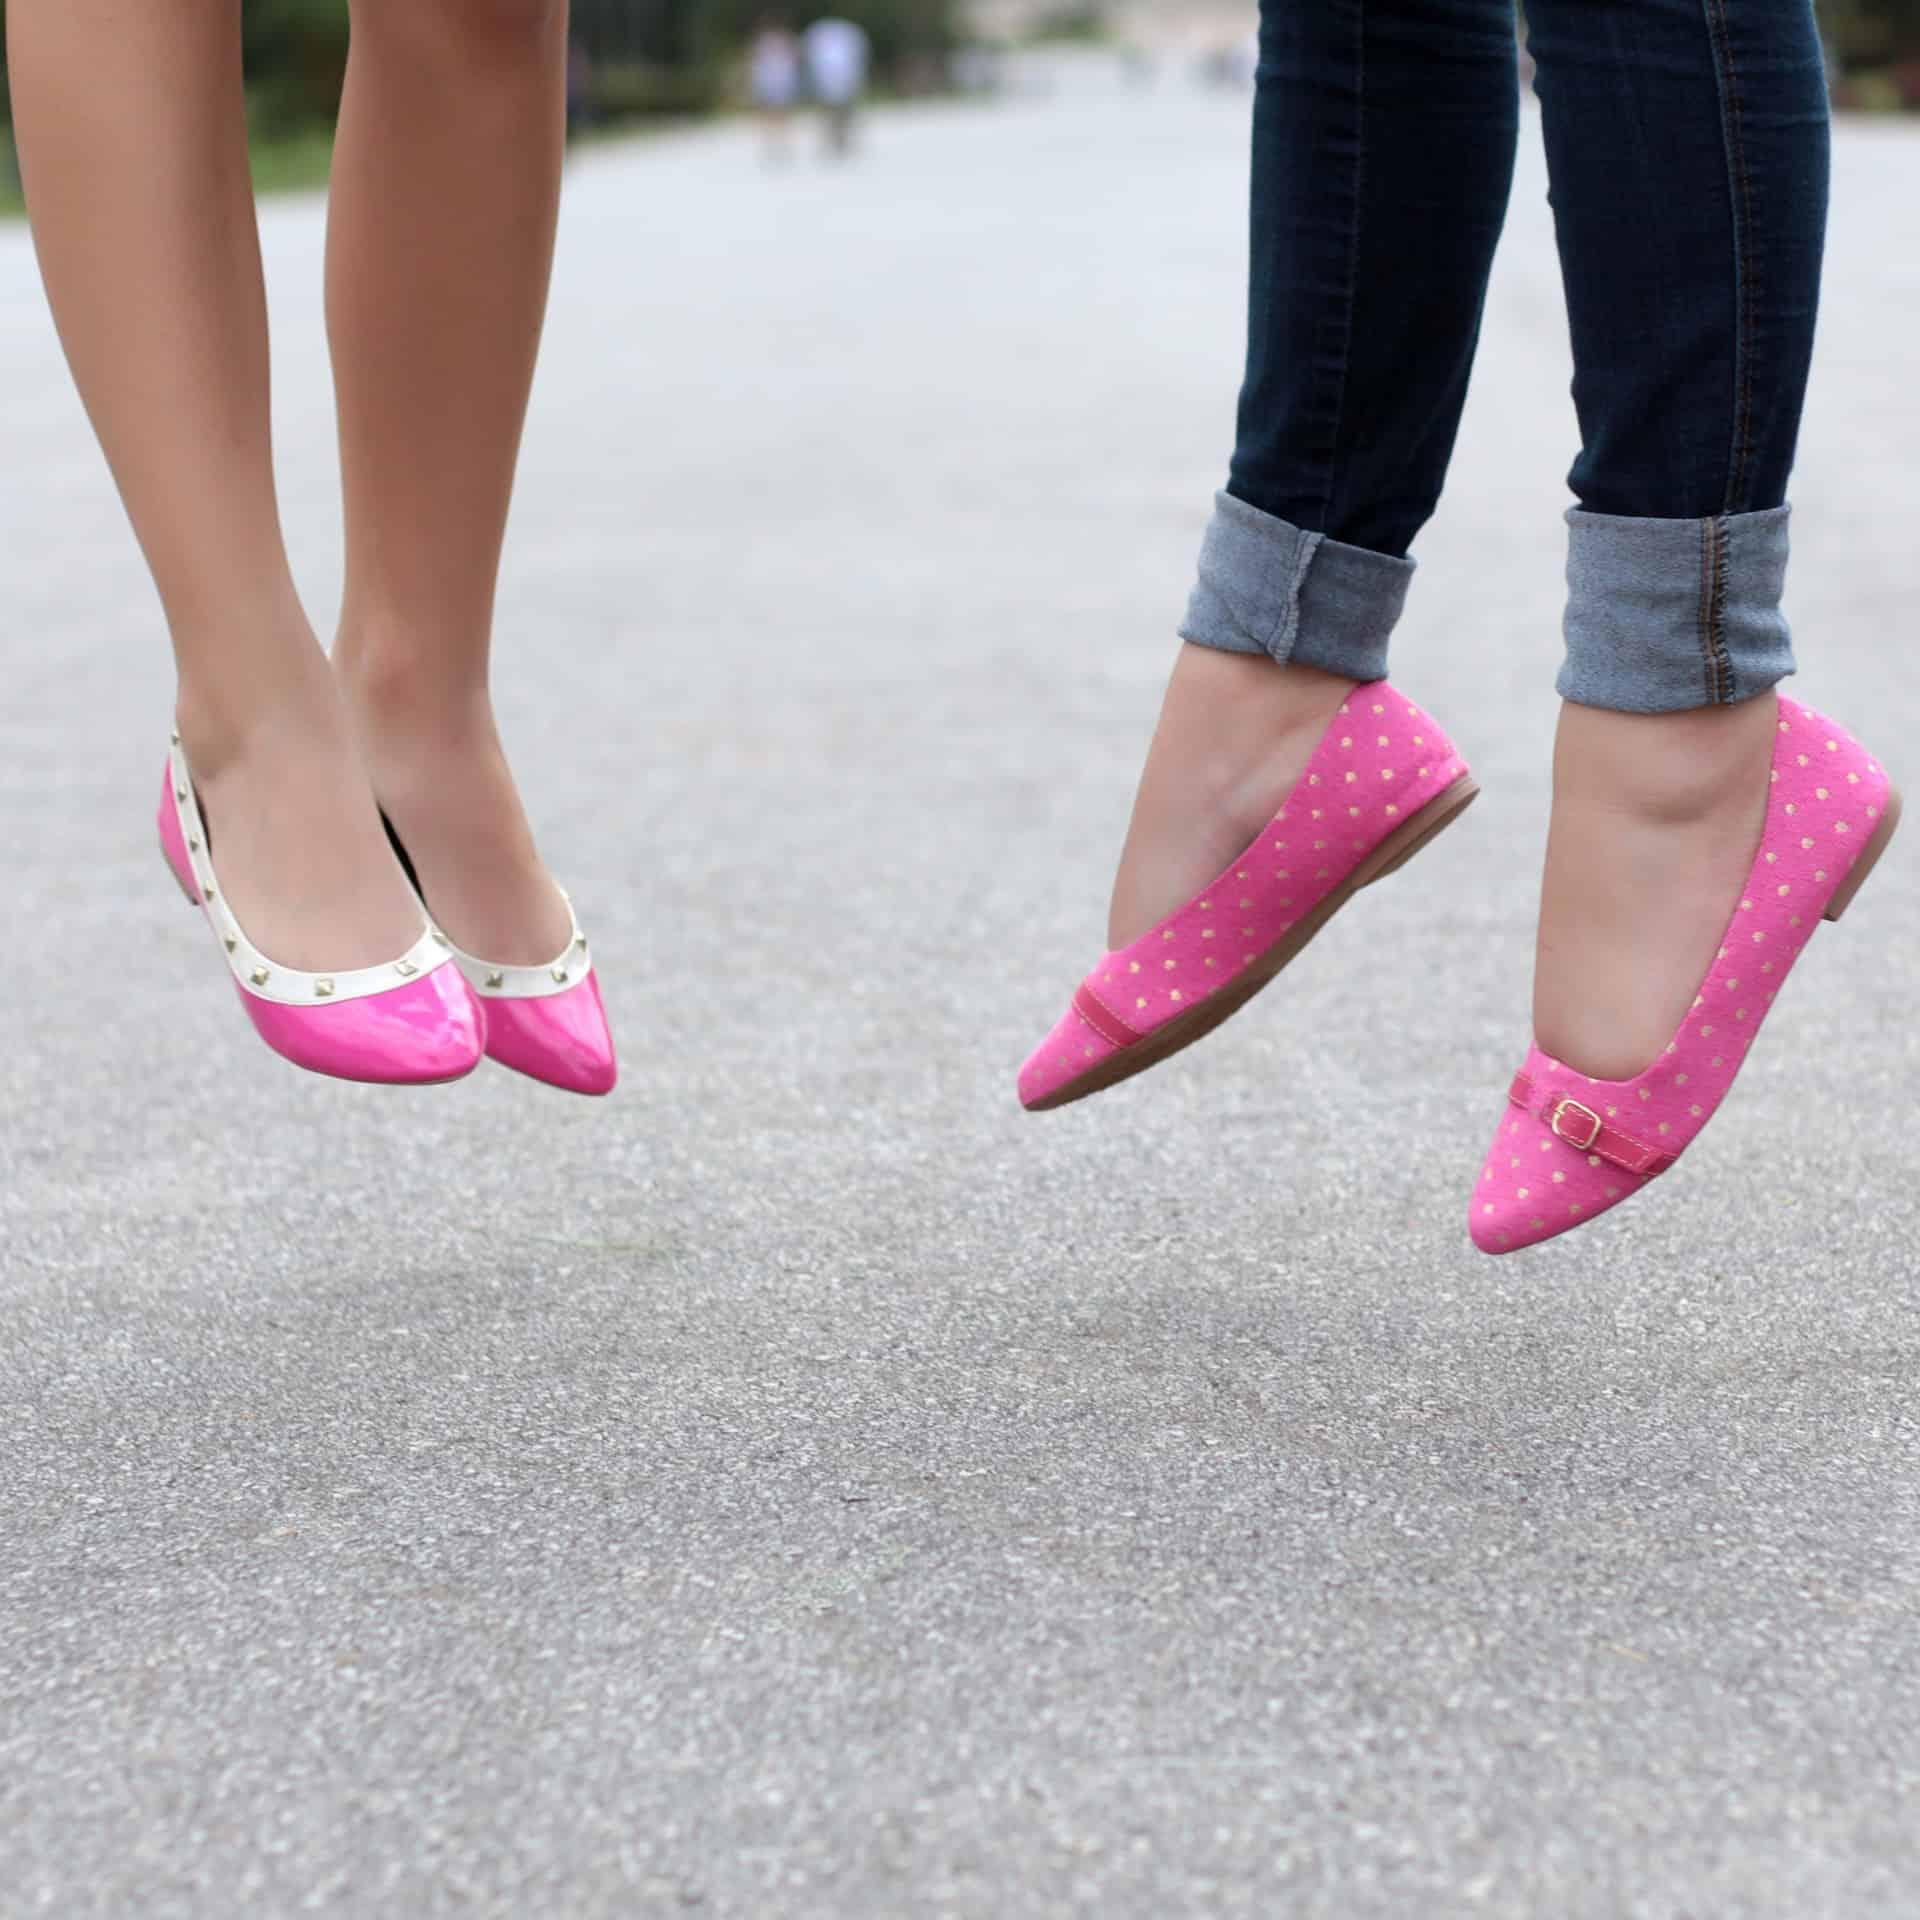 Duas mulheres com sapatilha rosa.